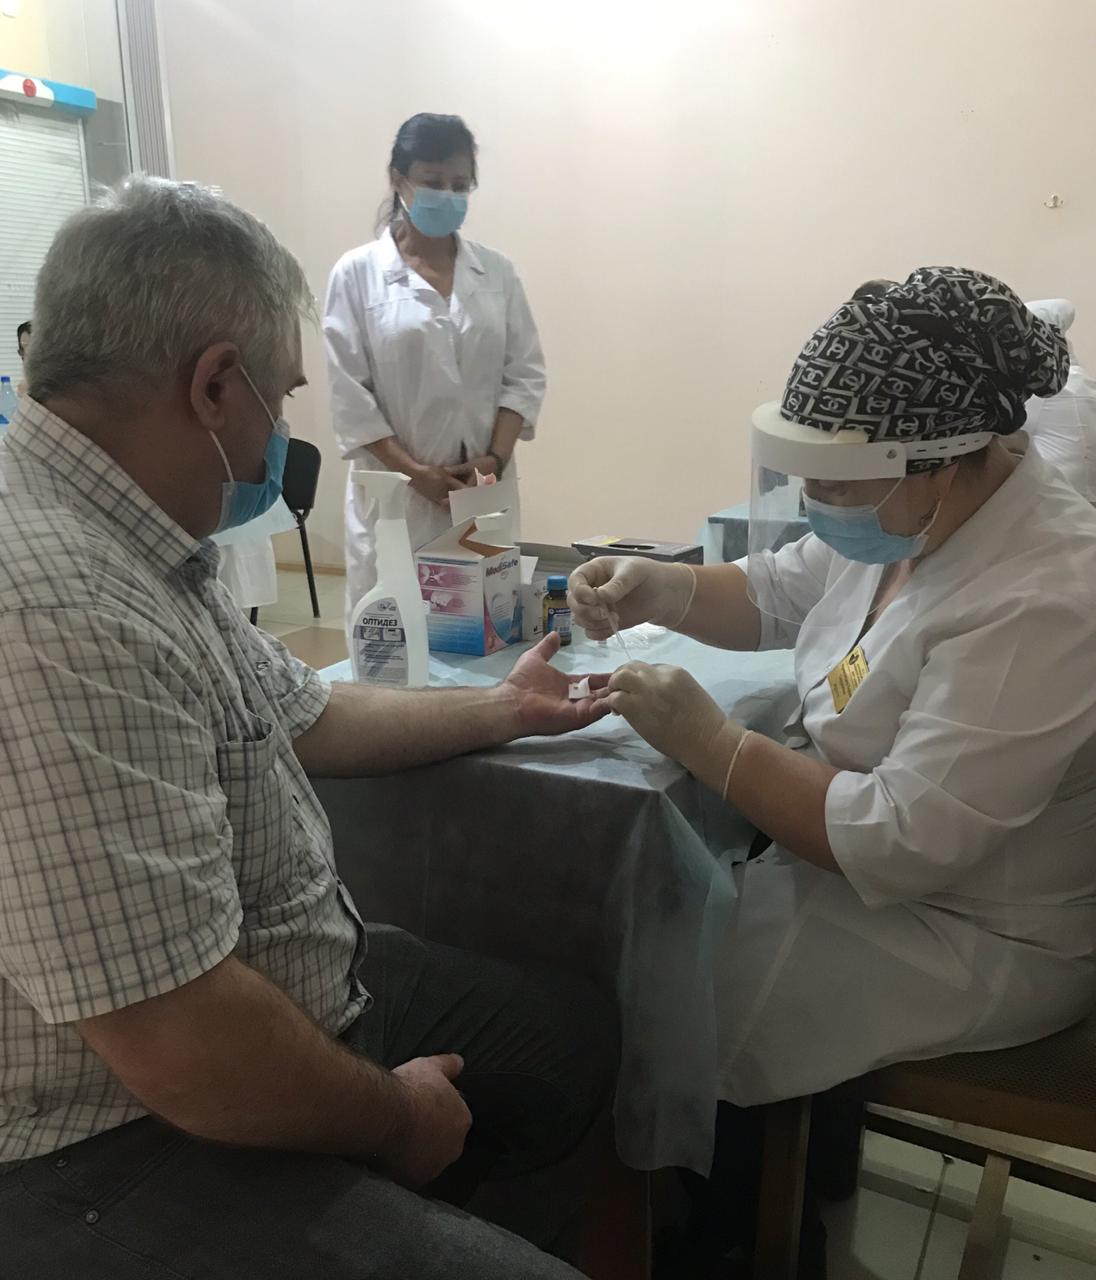 Акция по обследованию населения на COVID-19 продолжилась накануне в местах с высокой проходимостью людей - на втором рынке г. Махачкалы и супермаркете «Седьмой континент»